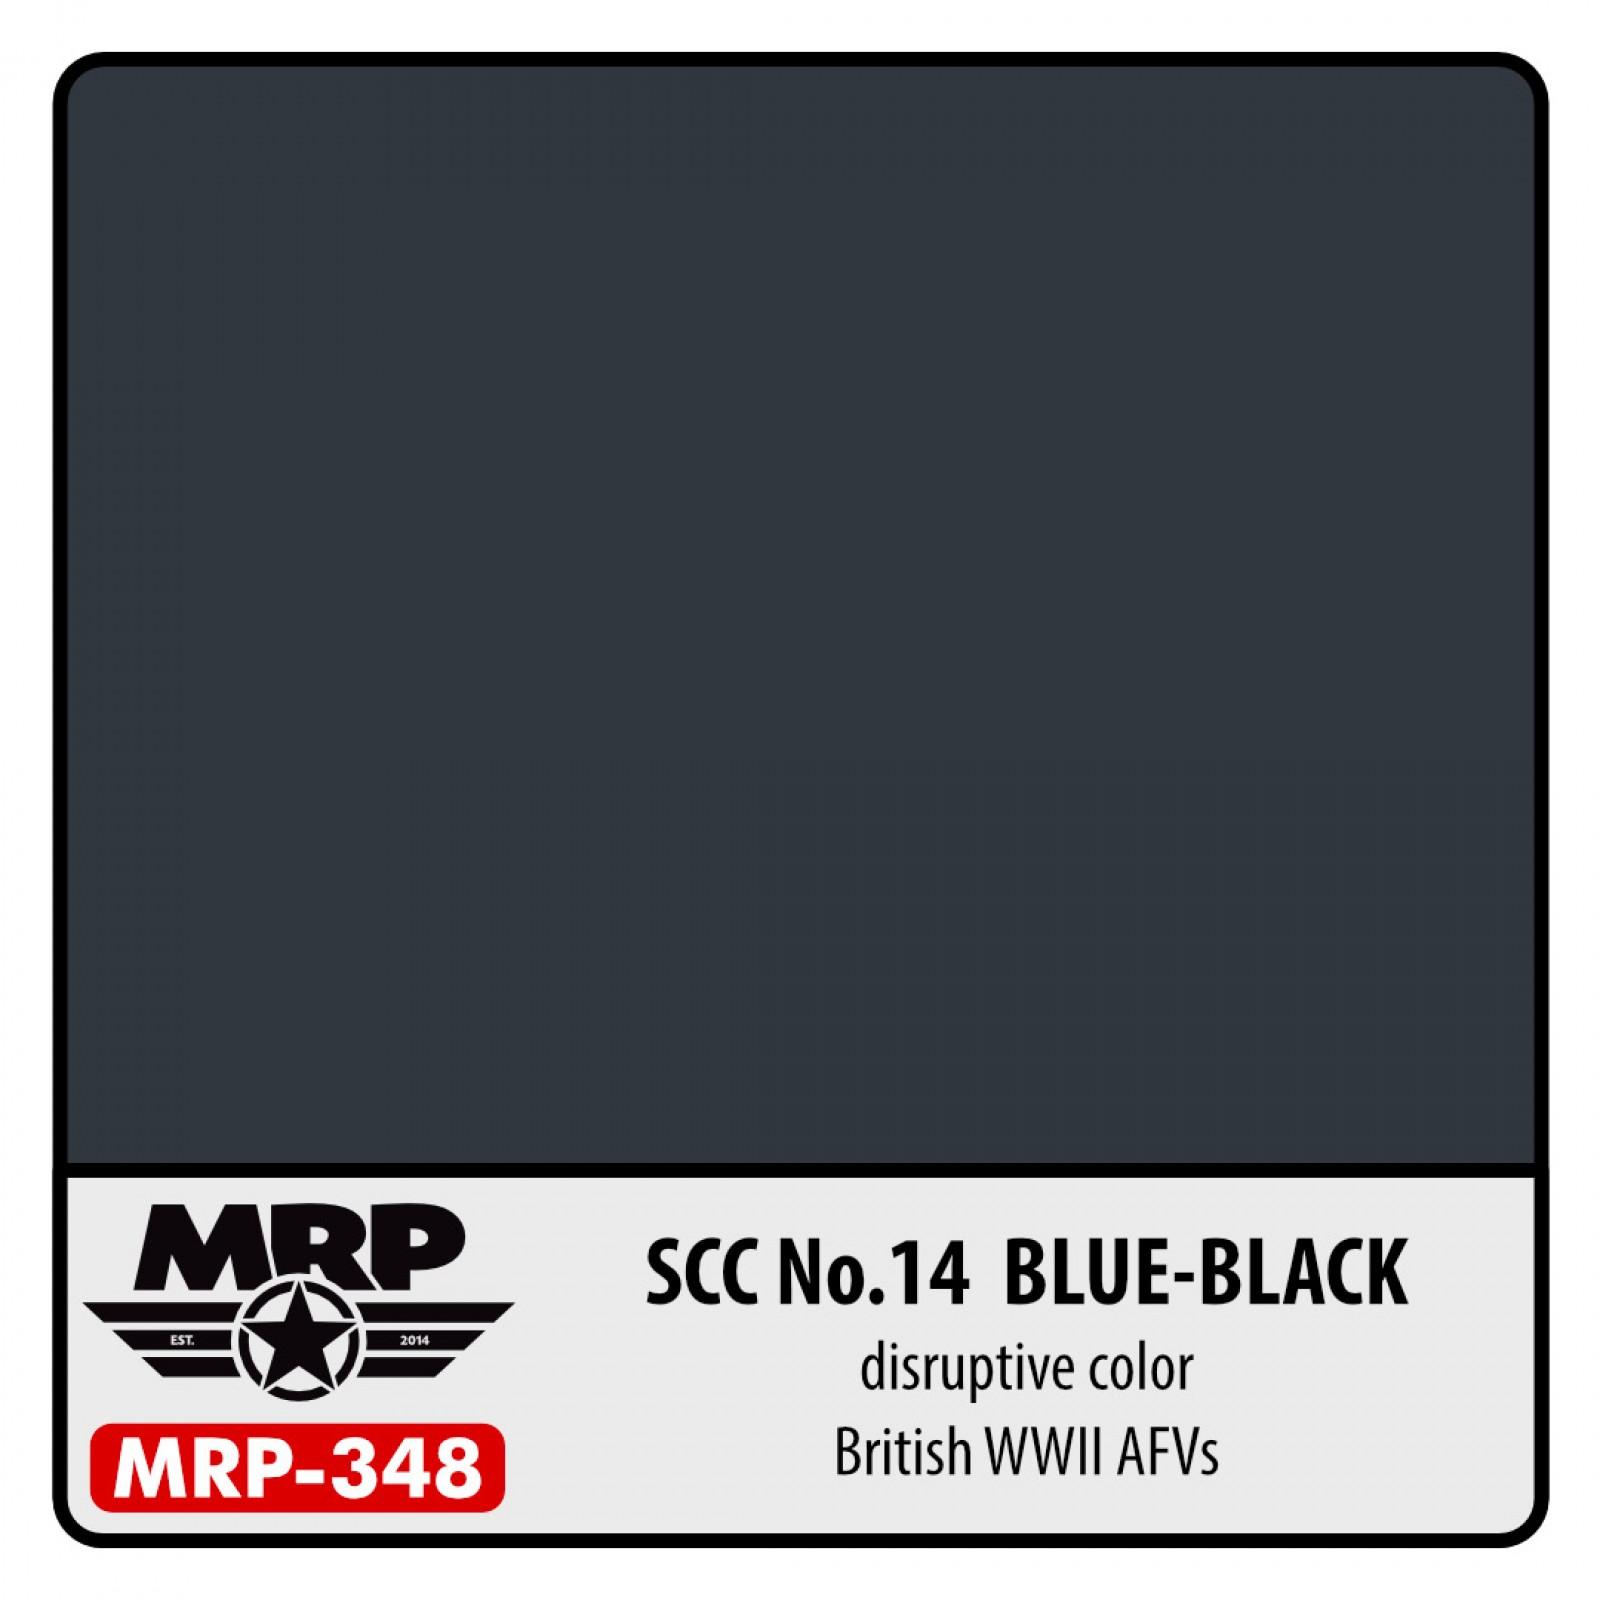 MRP-348  SCC No.14